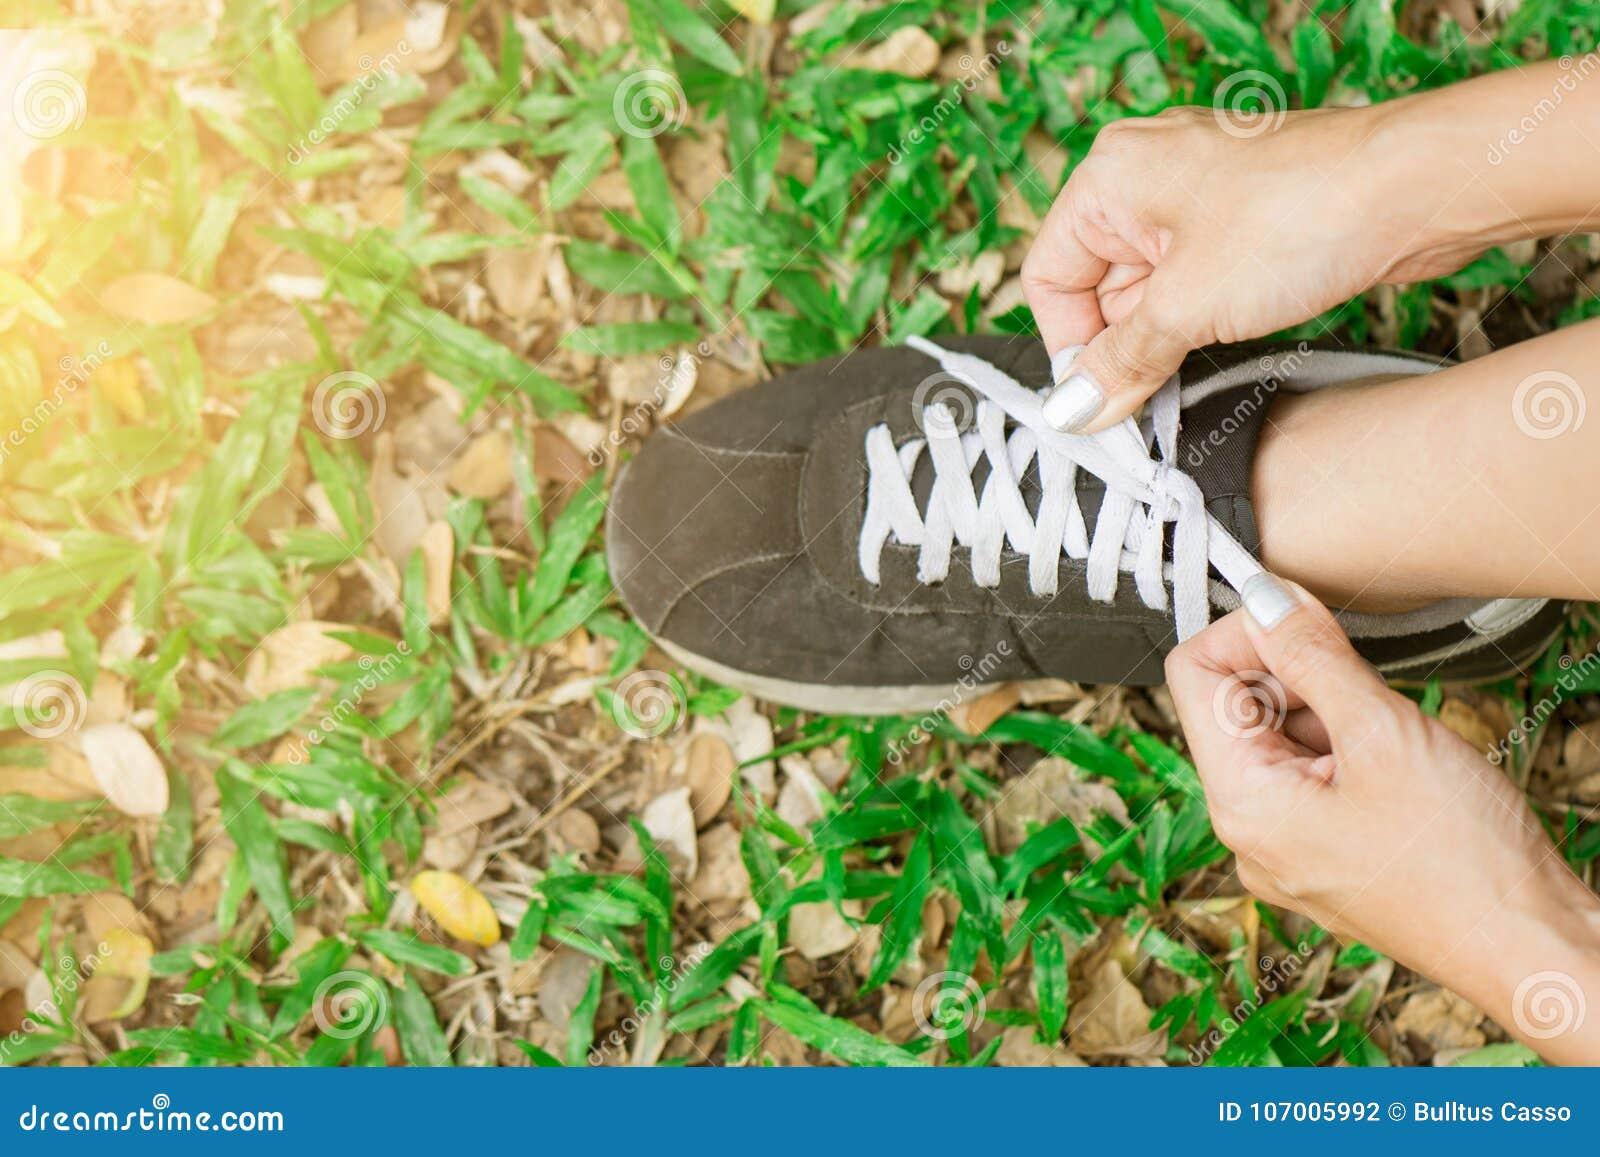 Женщина получая готовый побежать и связывая идущие ботинки